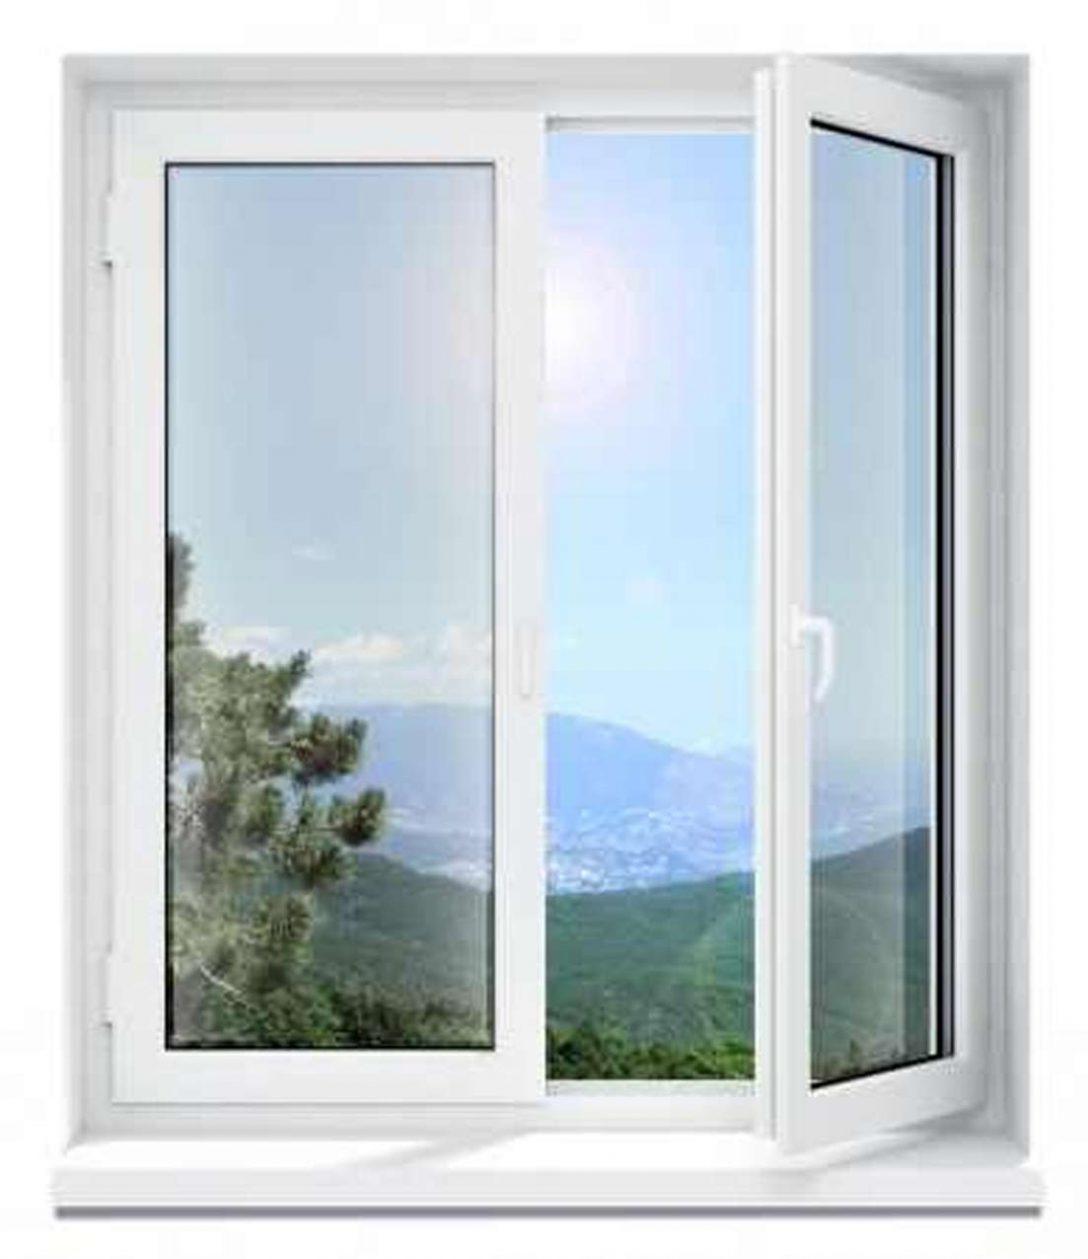 Large Size of Sonnenschutzfolie Fenster Folie Silber Auf Glas Innen Schüco Kunststoff Sonnenschutz Velux Kaufen Sicherheitsfolie Alte Flachdach Reinigen Mit Integriertem Fenster Sonnenschutzfolie Fenster